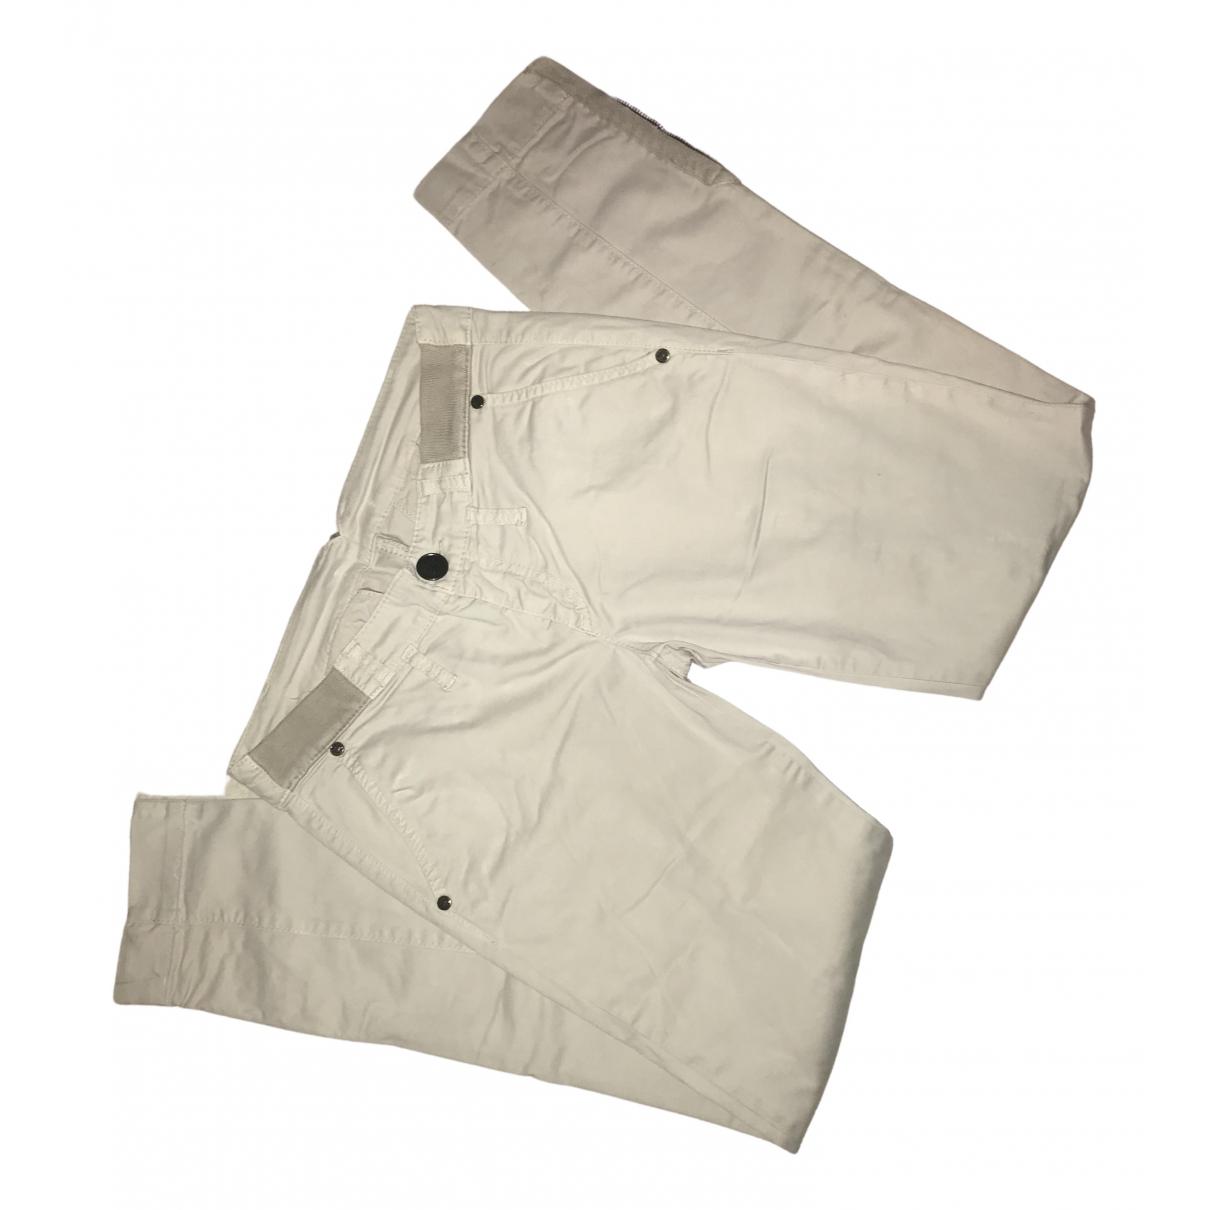 Pantalon en Algodon Beige Liu.jo